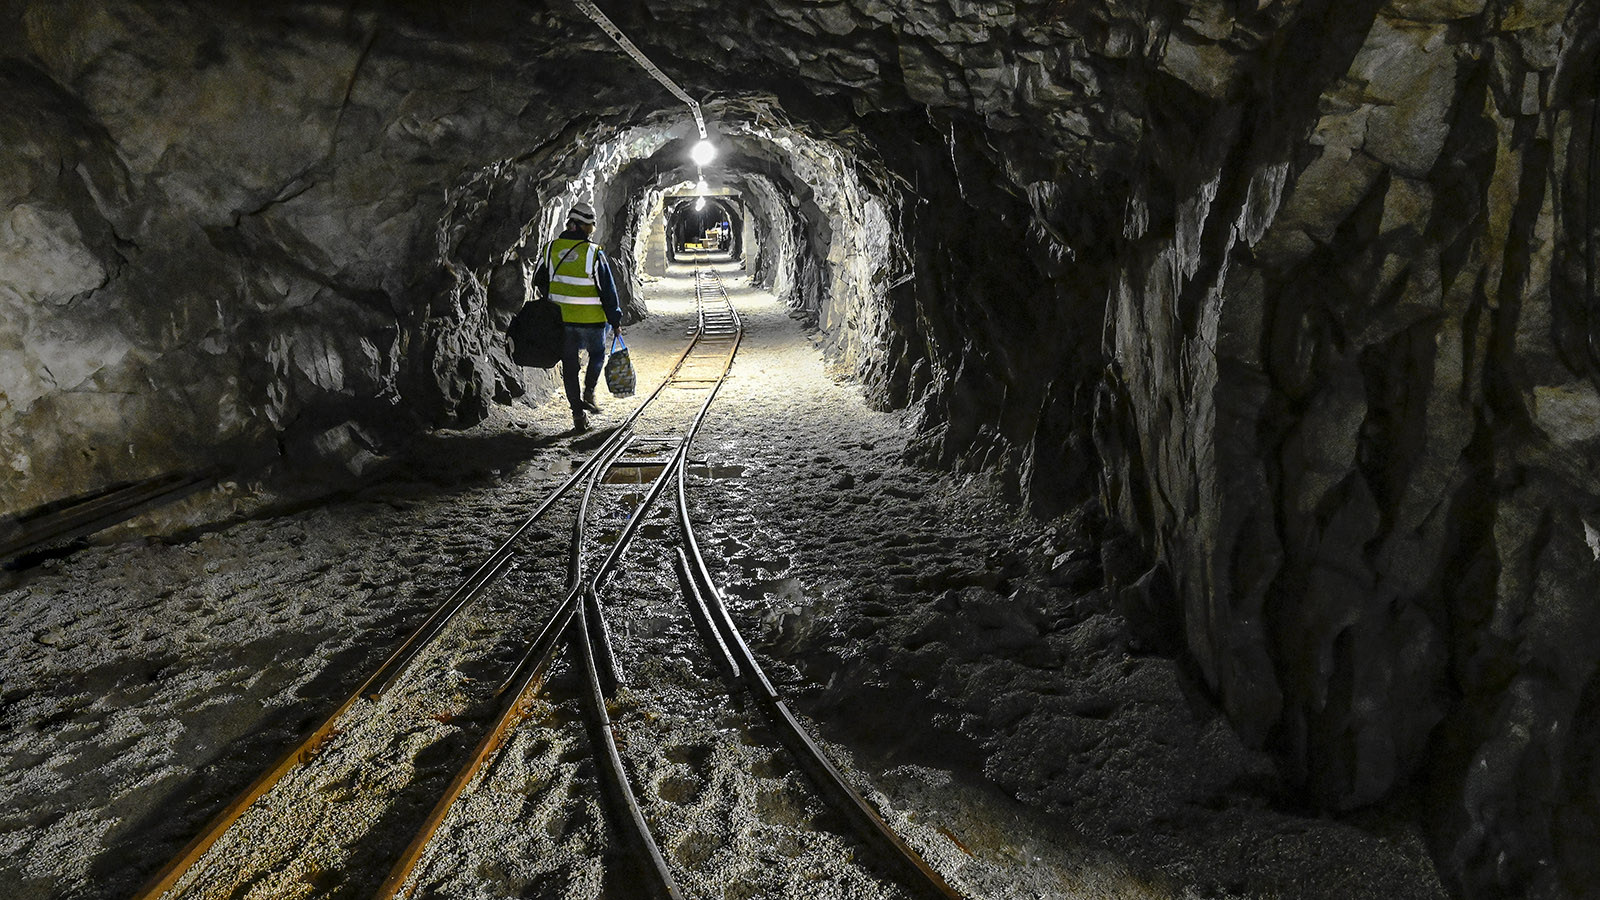 Einmal im Monat fährt Le Petit Train d'Artouste auf diesen Schienen in den Berg. Foto: Hilke Maunder